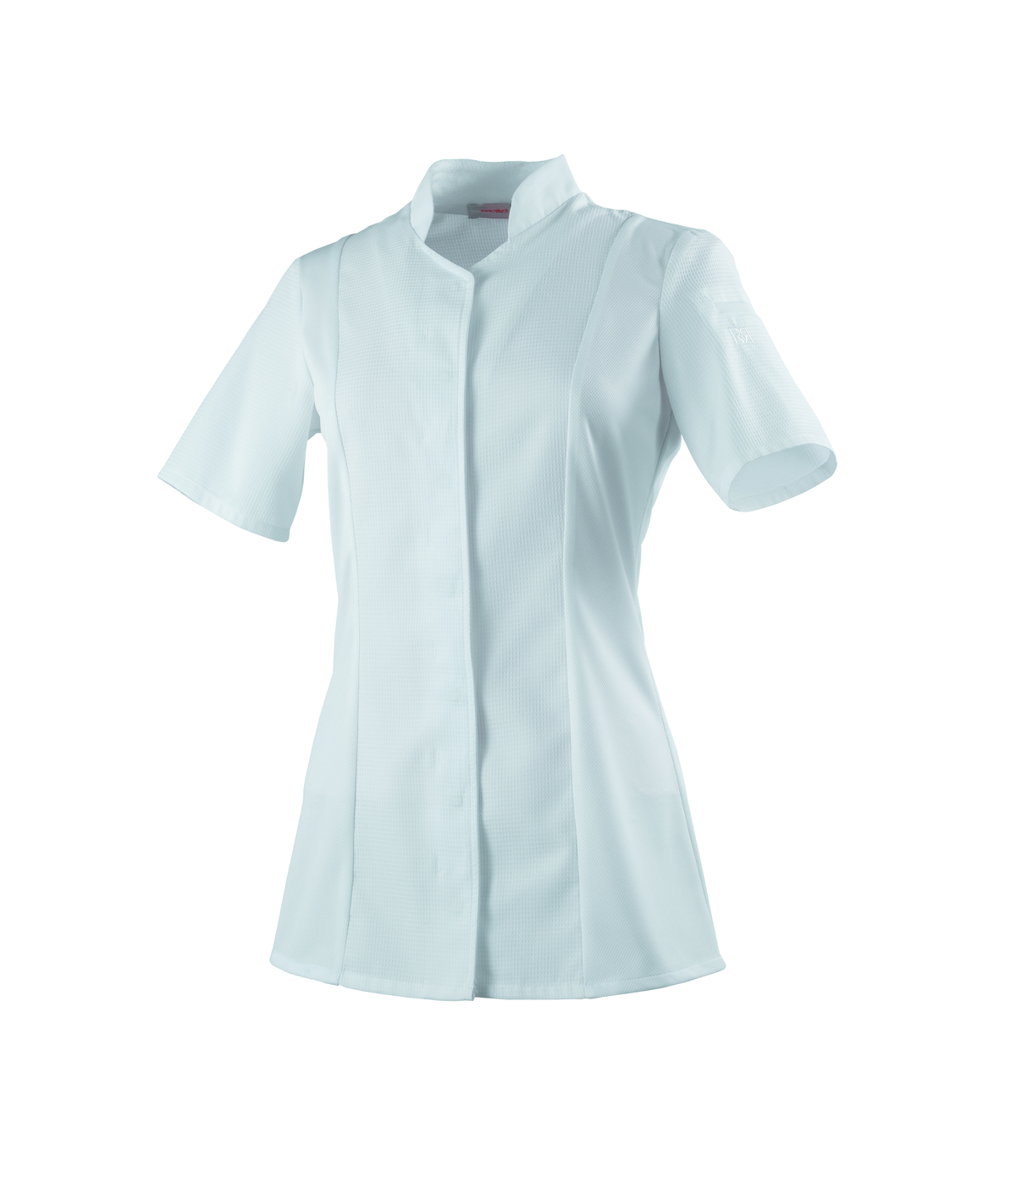 Veste femme manches courtes blanc taille 5 Abella Robur